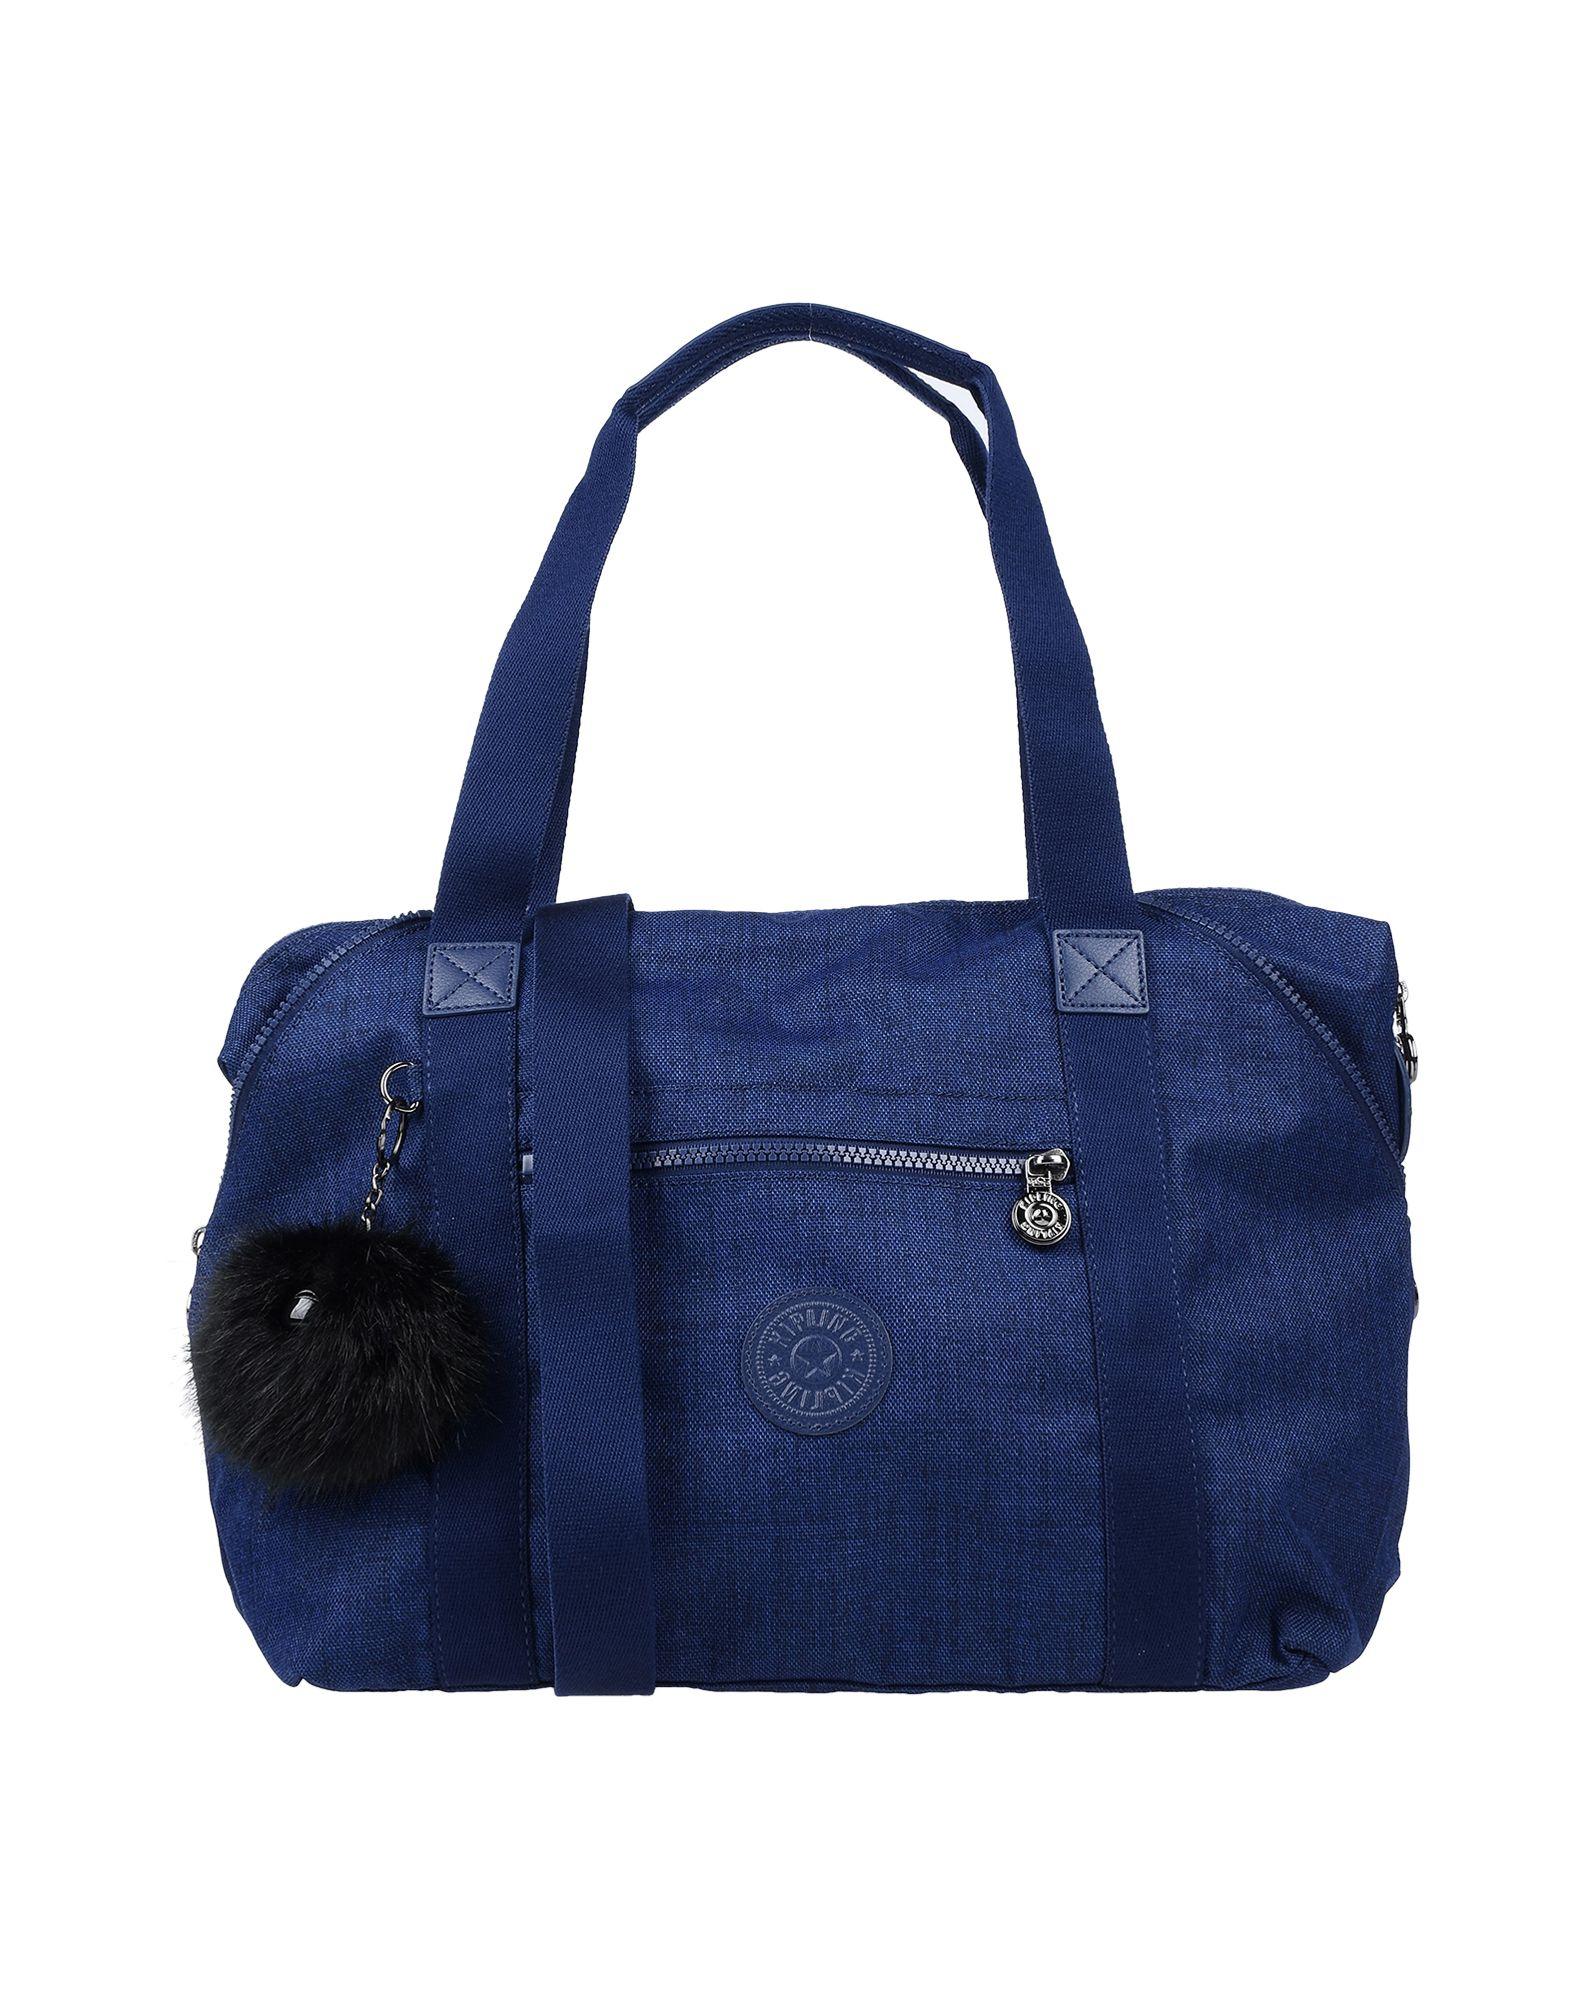 《送料無料》KIPLING レディース ハンドバッグ ダークブルー 紡績繊維